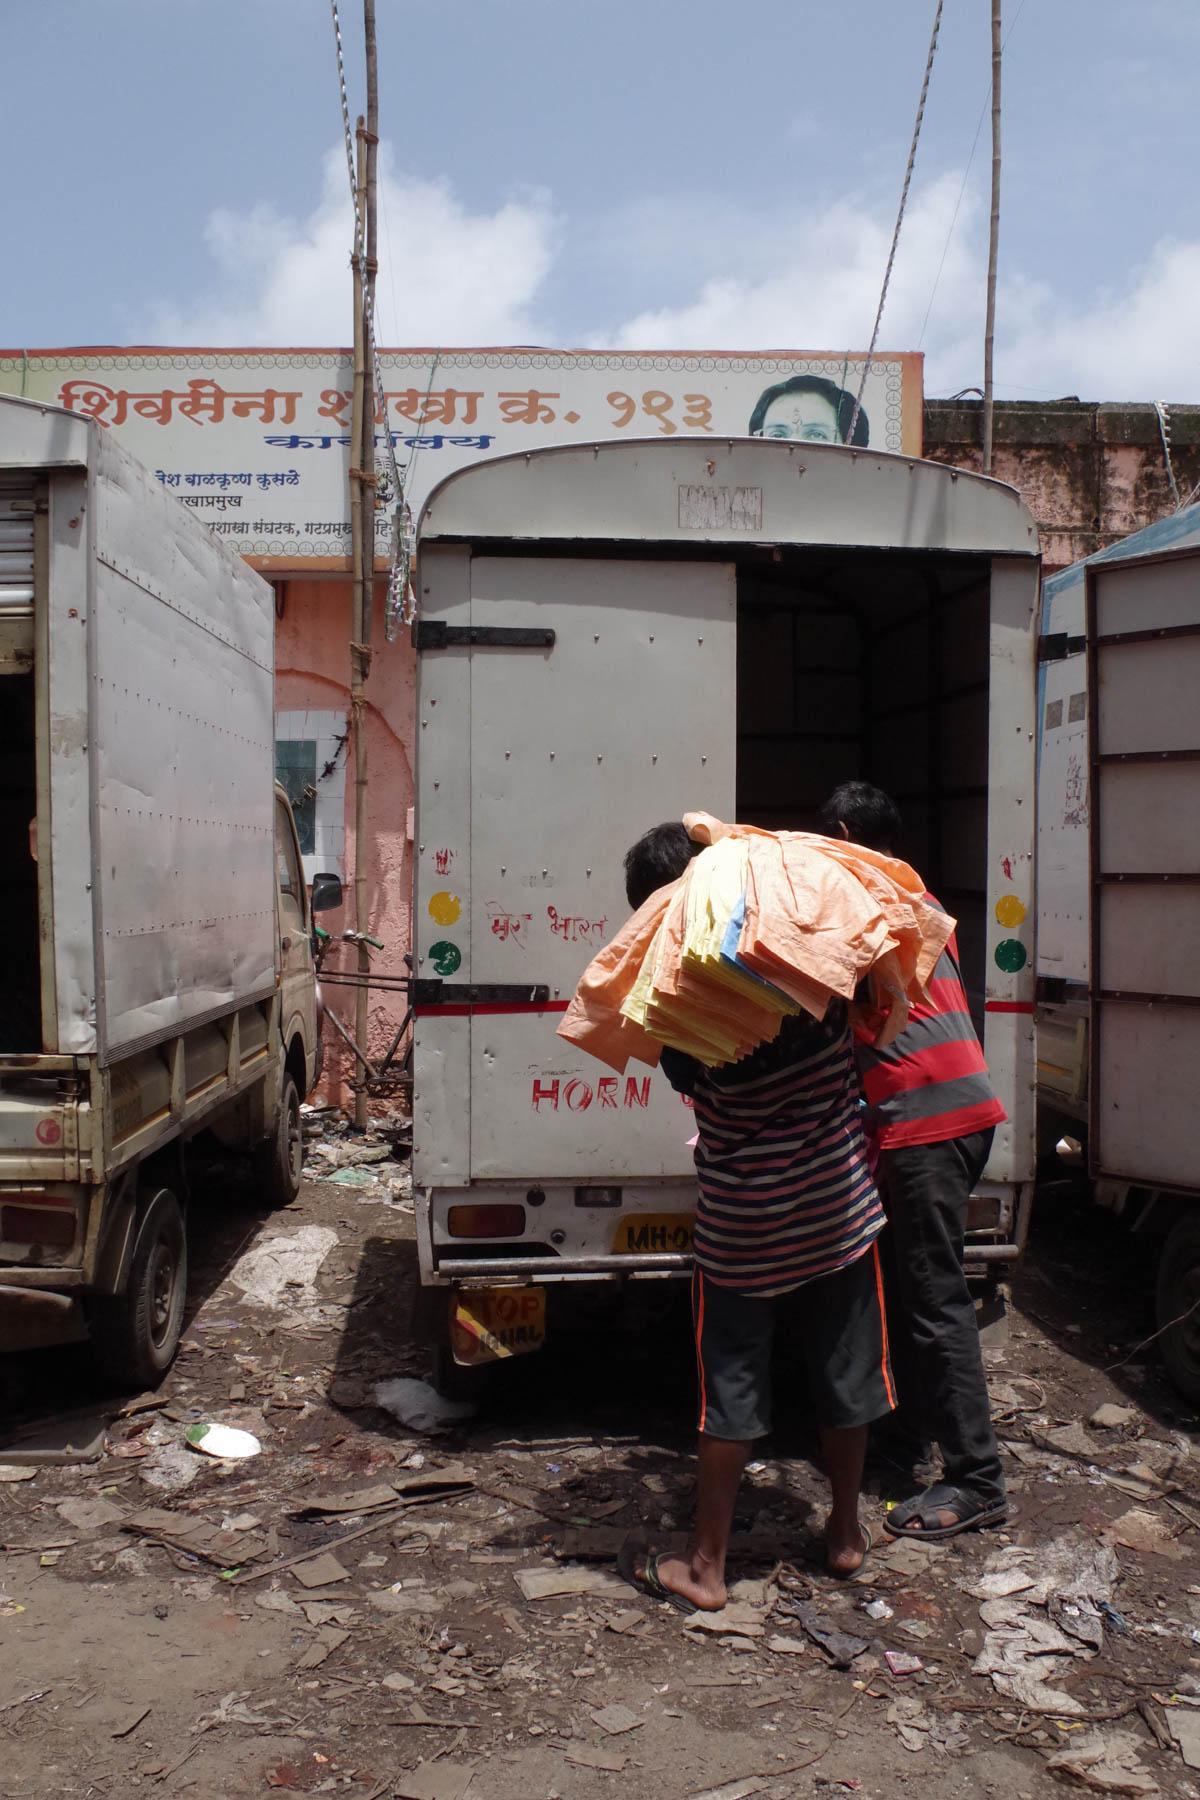 ムンバイ 巨大洗濯工場 ドービーガート 洗濯物を運ぶ人①